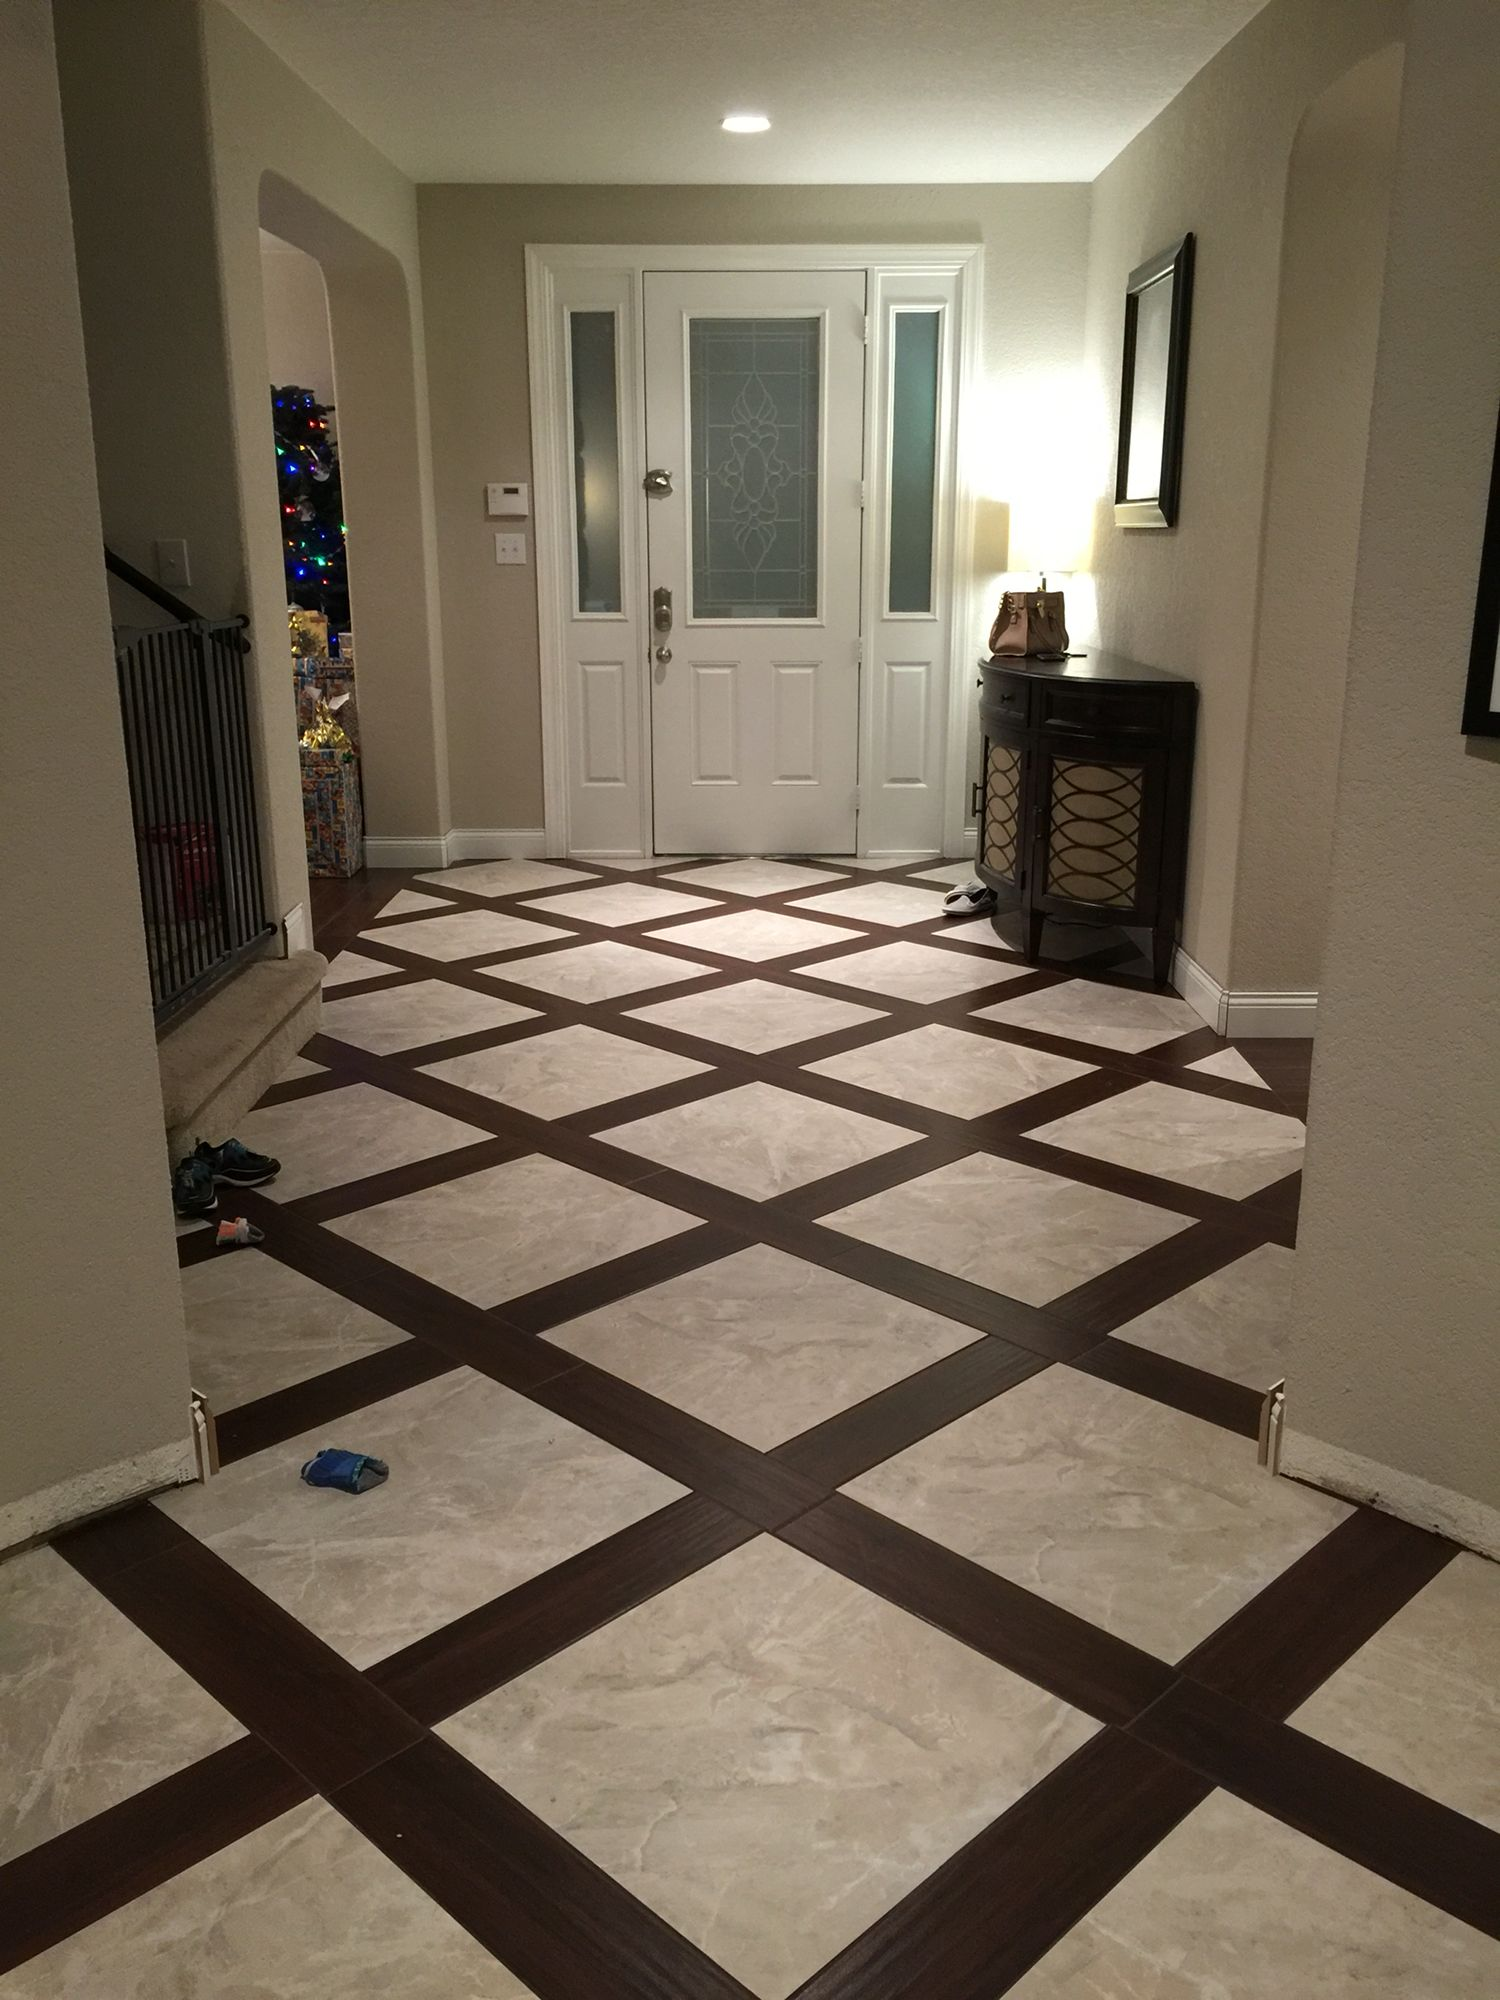 Basketweave Tile Design. Porcelain Wood Look Tile